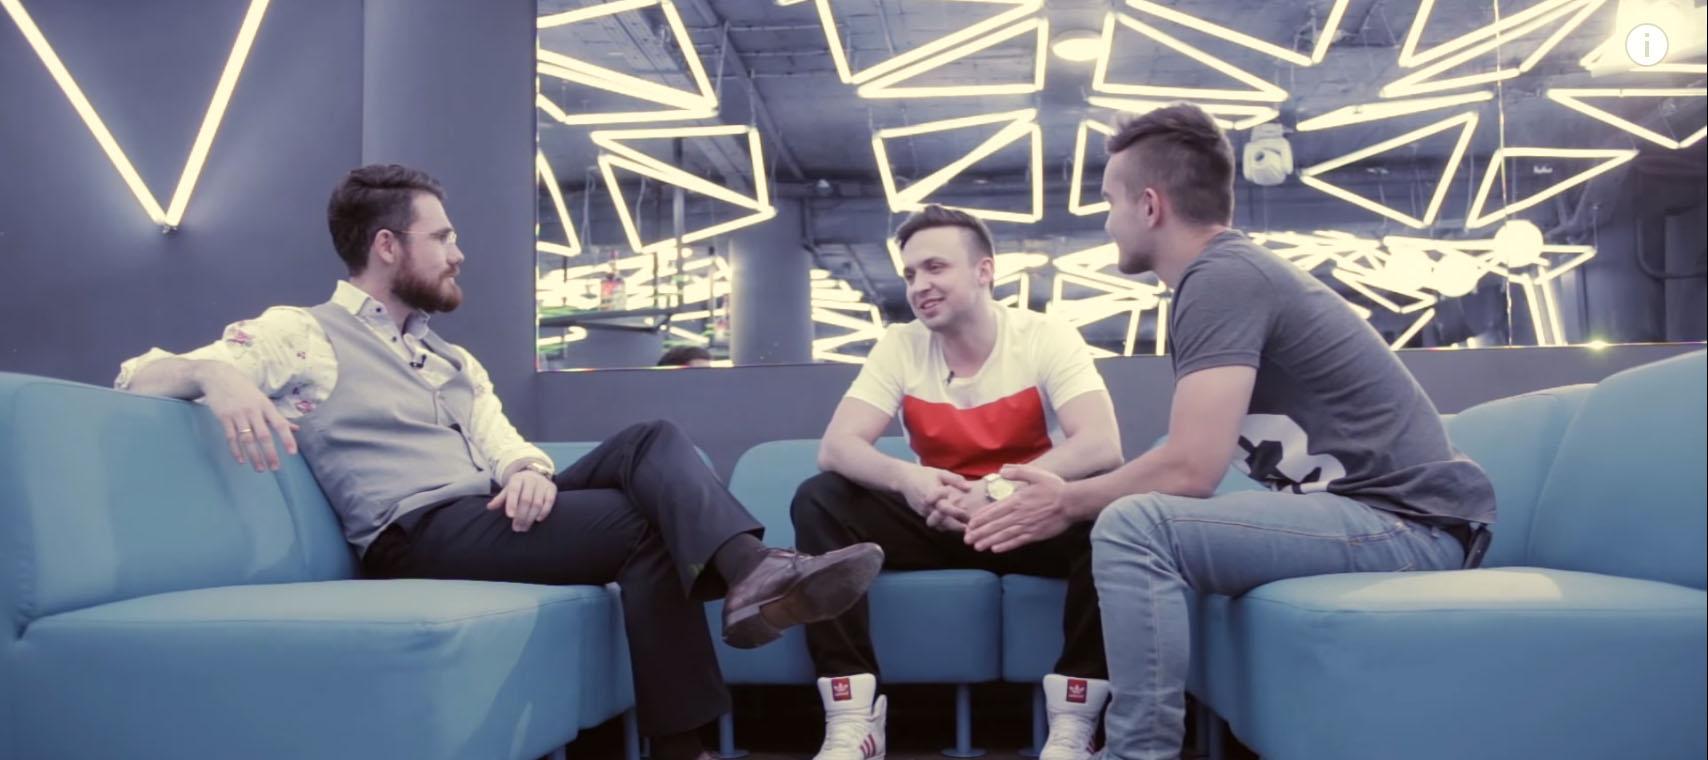 Cierpliwie buduj swoją markę: Abstrachuje oraz Mateusz Grzesiak - wywiad #15